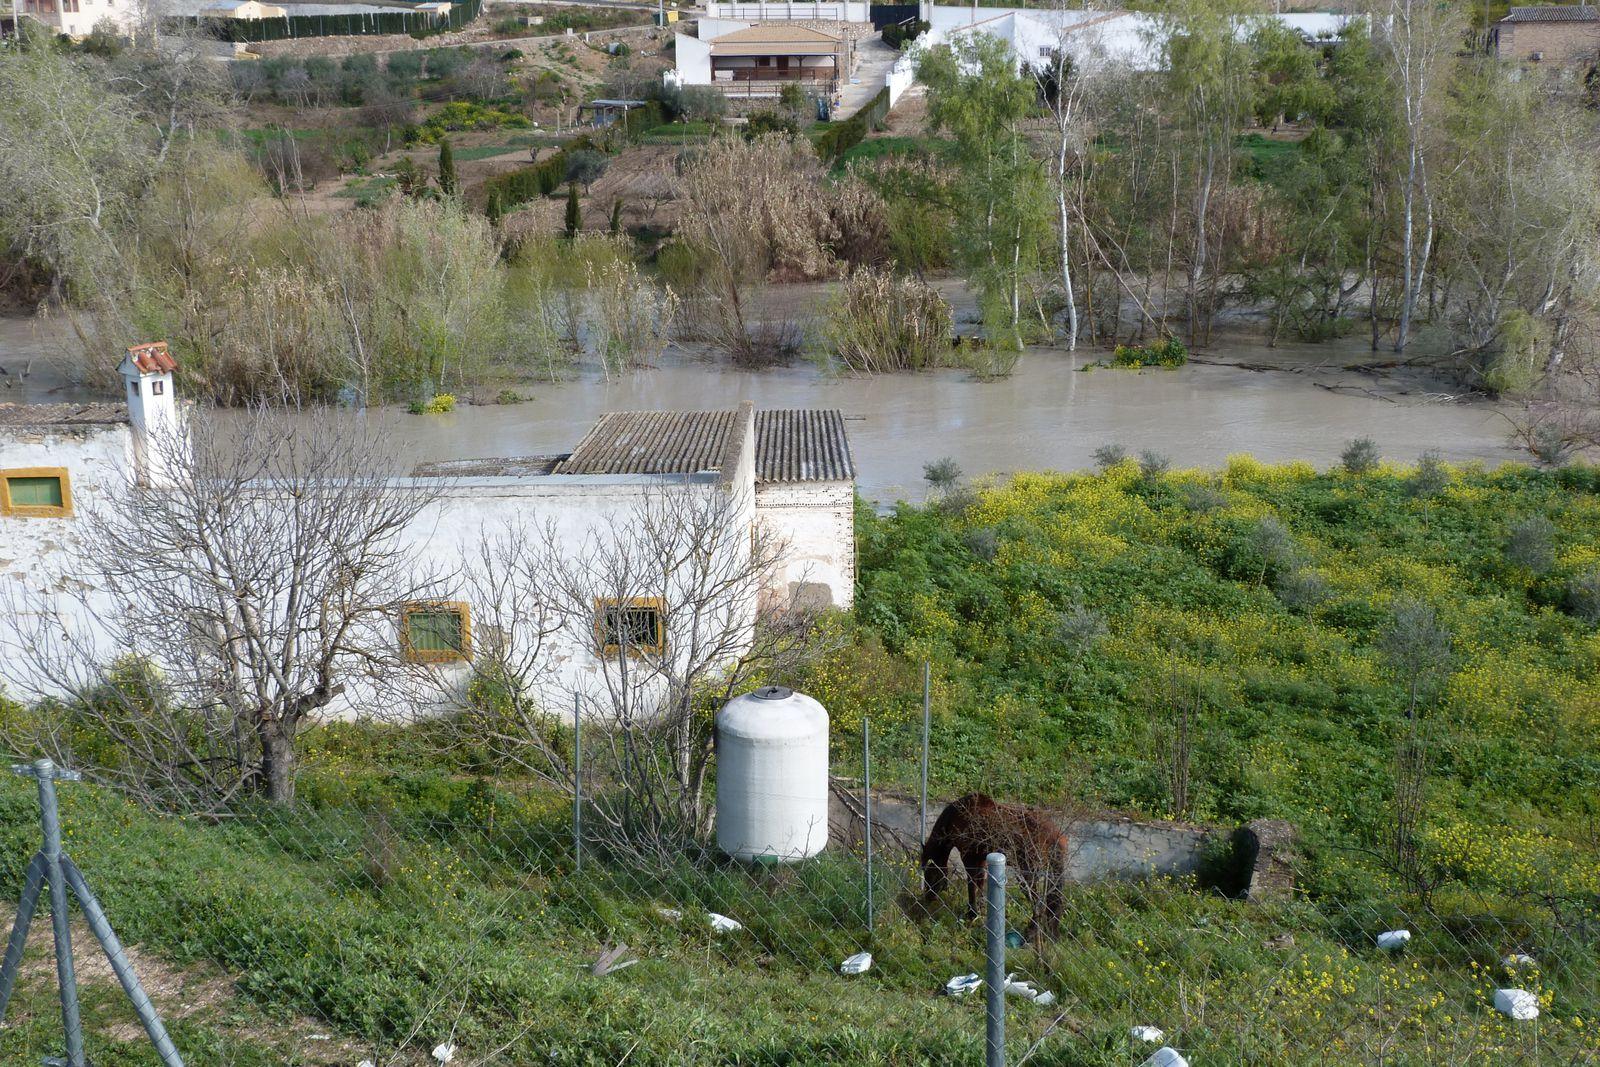 Río Genil Badolatosa 23-03-2013